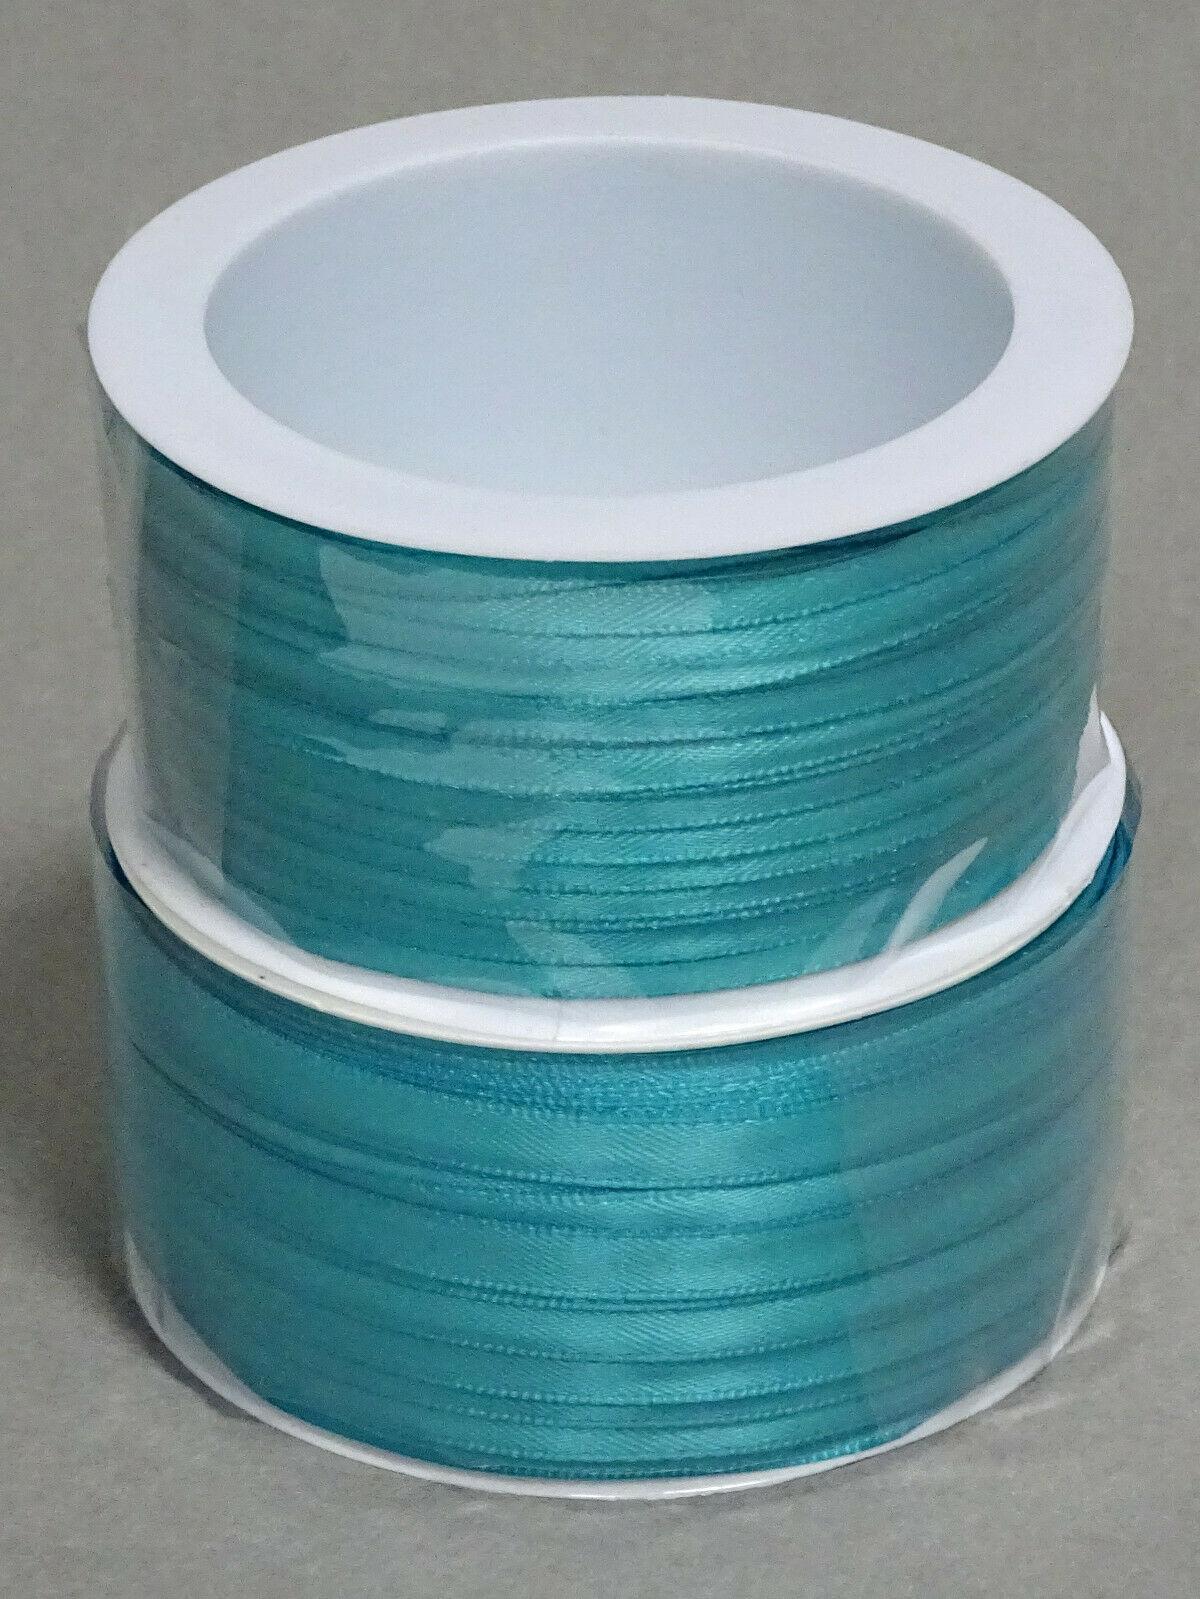 Satinband Schleifenband 50m x 3mm / 6mm Dekoband ab 0,05 €/m Geschenkband Rolle - Petrol 118, 3 mm x 50 m